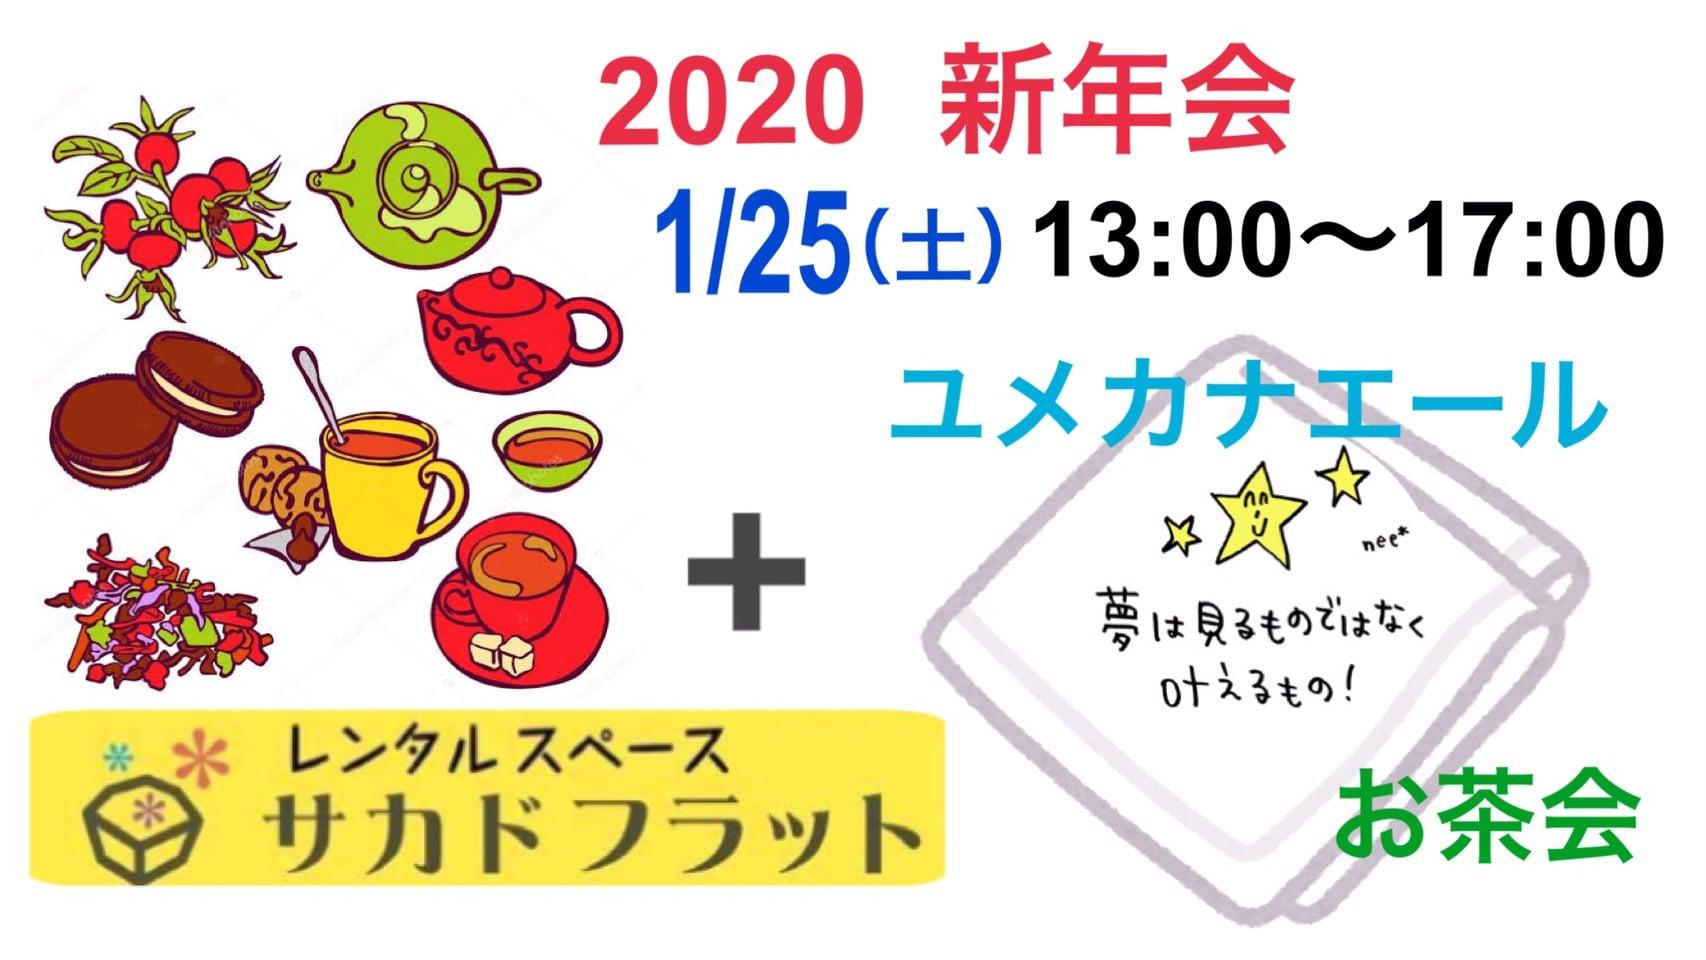 2020・1・25新月の新年会➕ユメカナエールお茶会のイメージその1